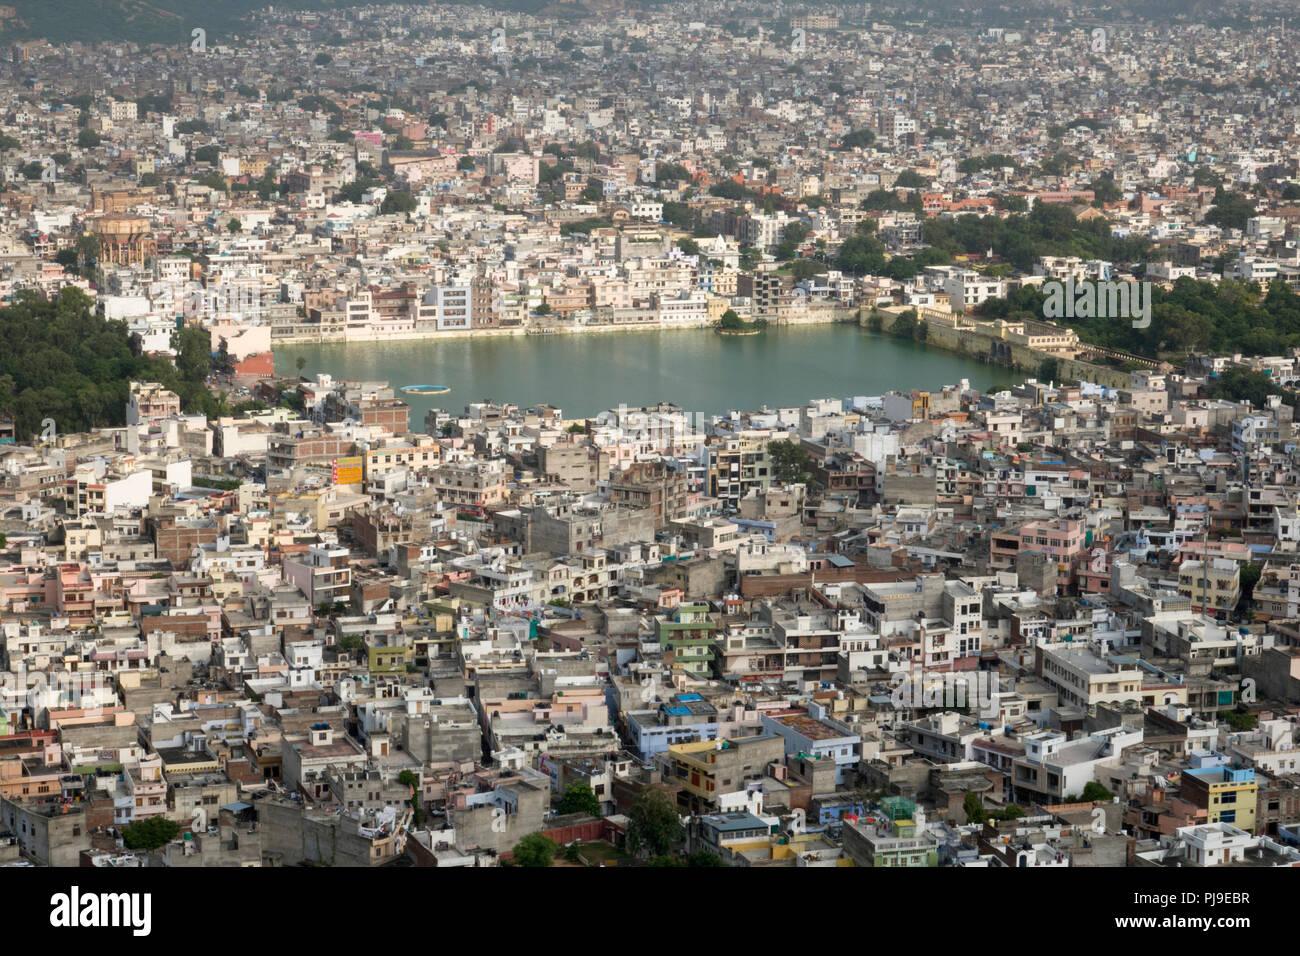 Hohe Betrachtungswinkel der Tal Katora See und Jaipur, Rajasthan, Indien Stockbild